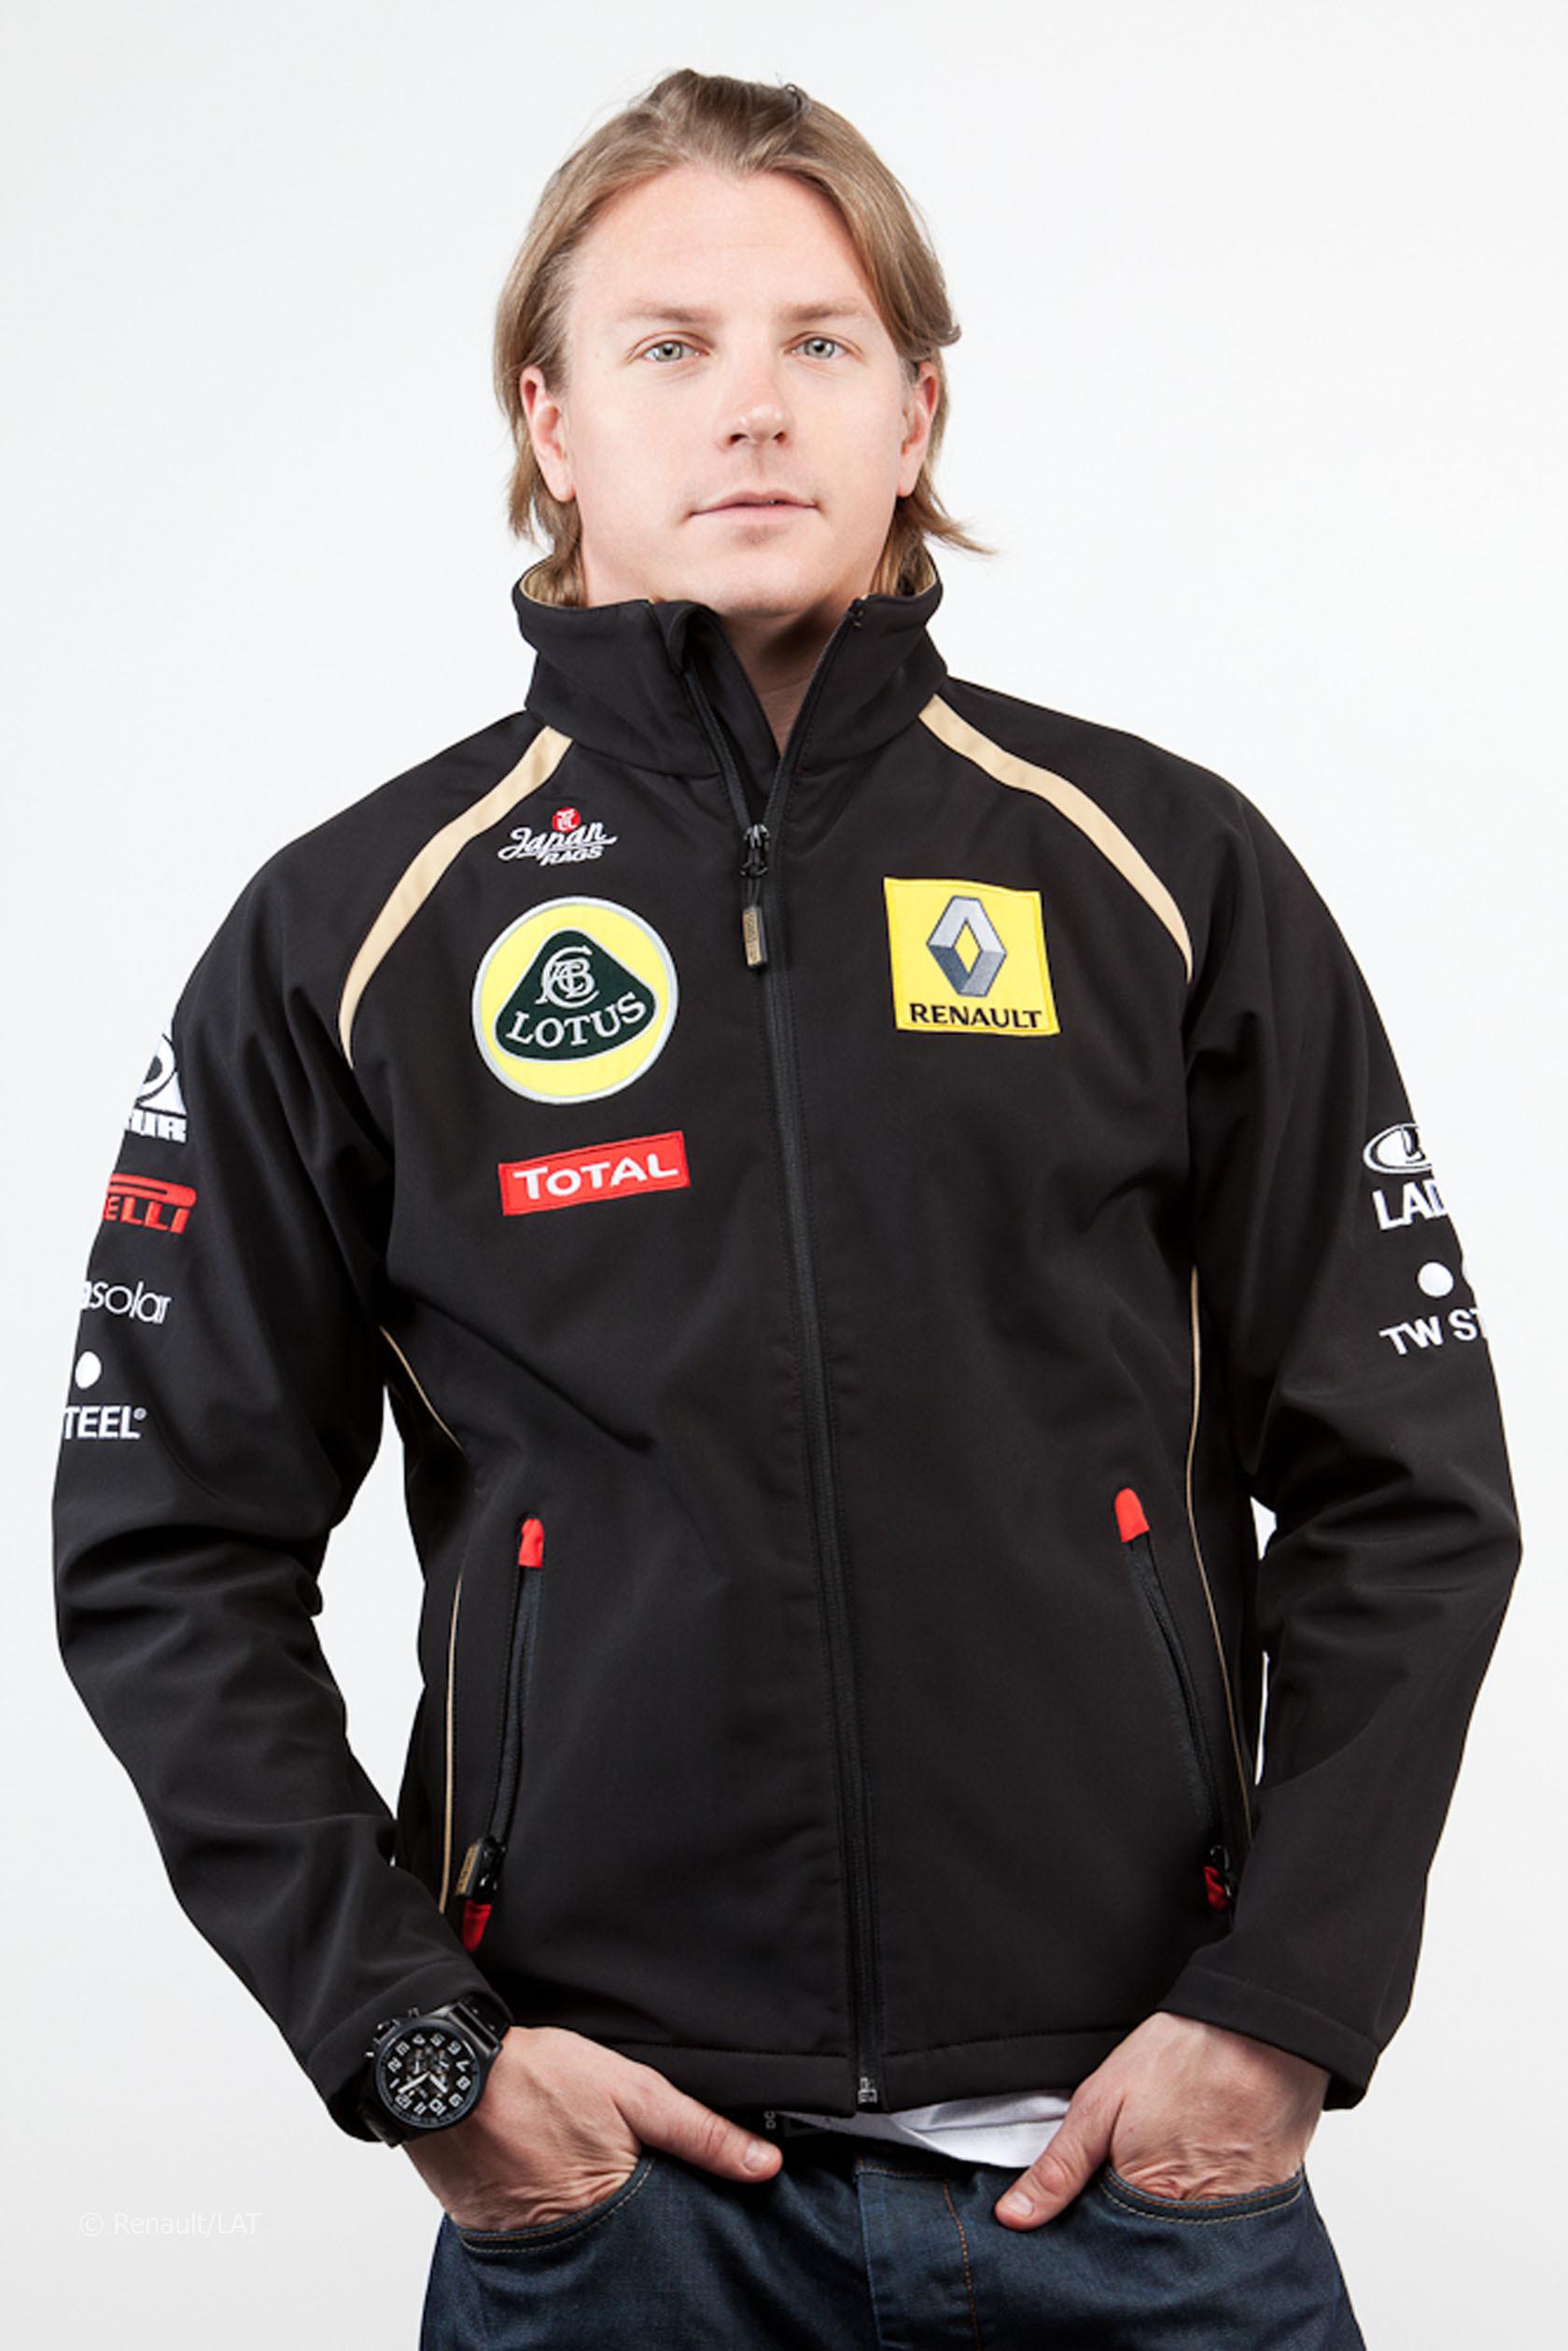 Images Of Kimi Raikkonen